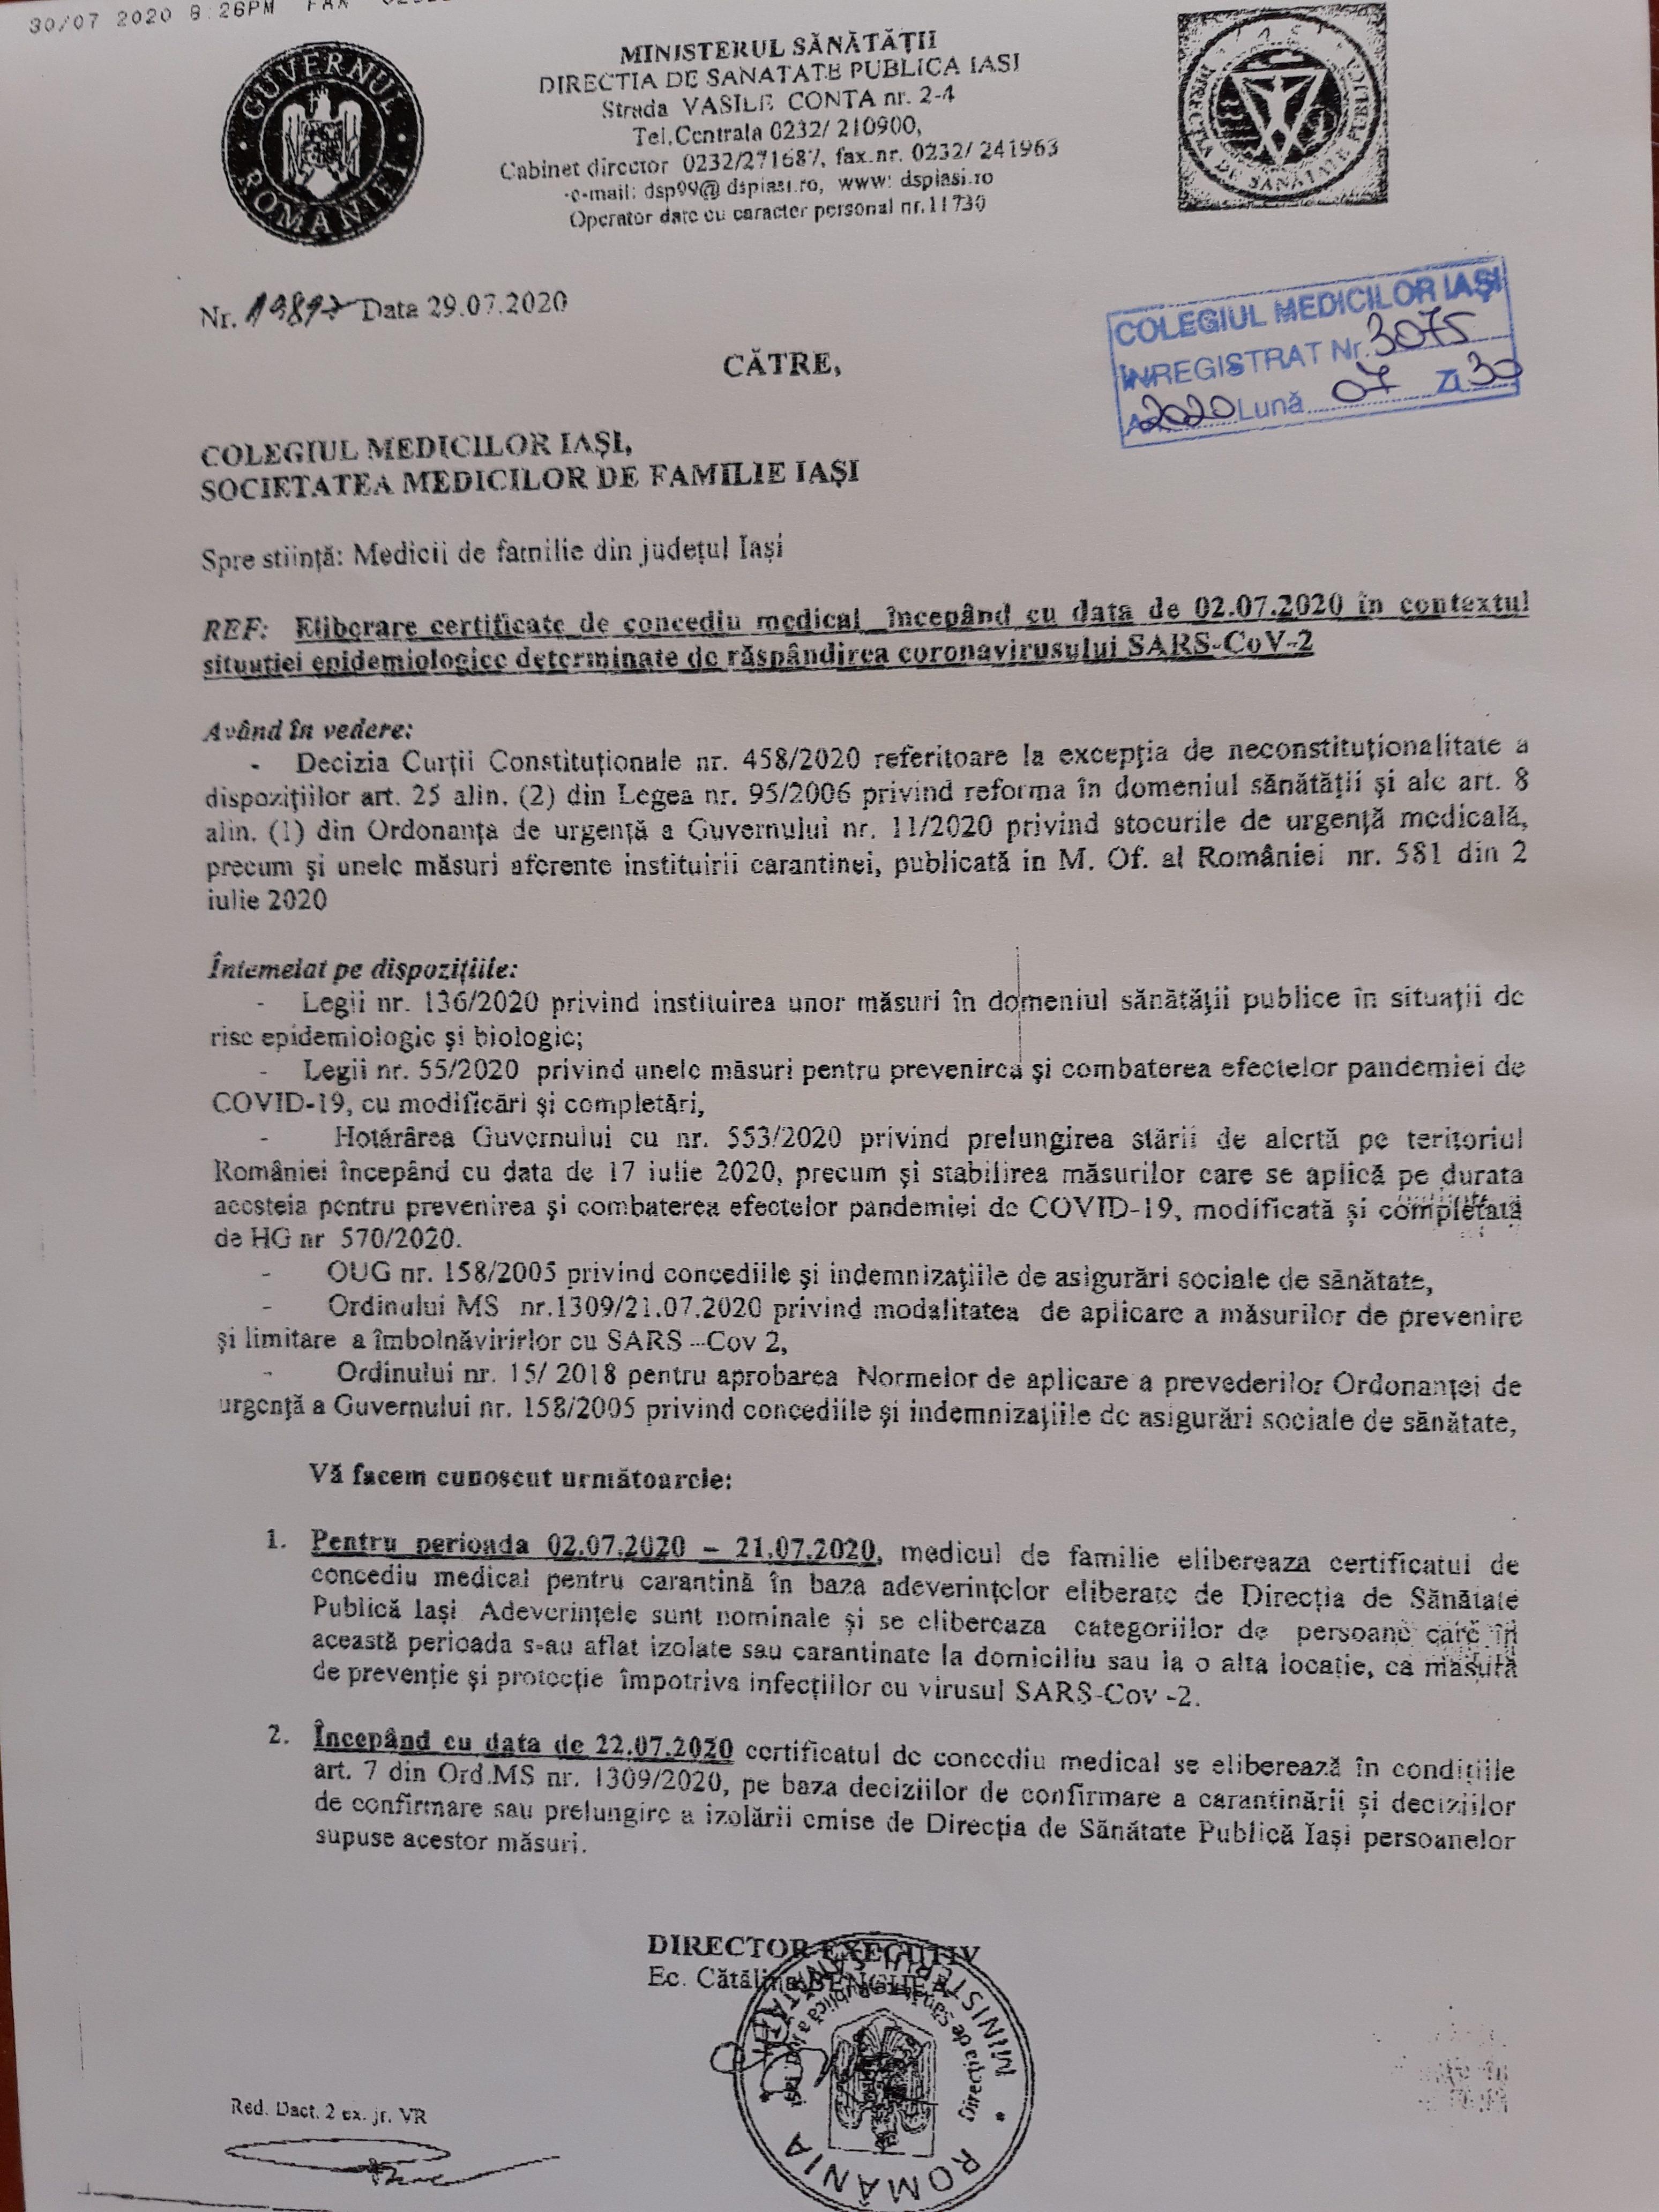 Eliberare certificate de concediu medical incepand cu data de 02.07.2020 in contextul situatiei epidemiologice determinate de raspandirea coronavirusului SARS-CoV-2